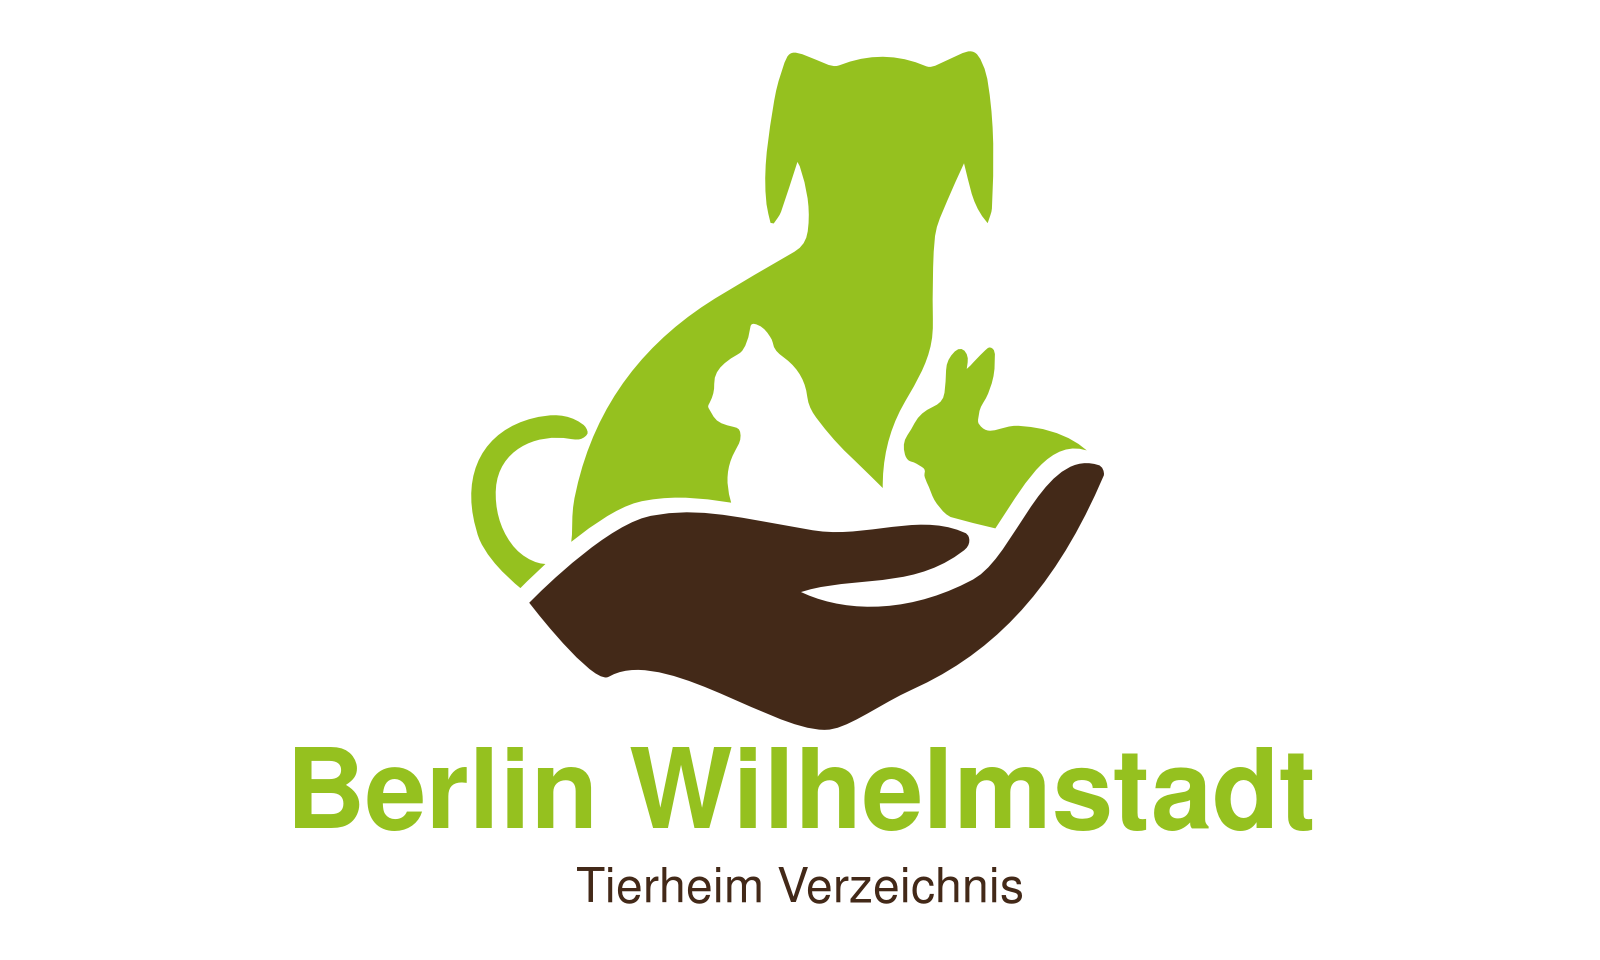 Tierheim Berlin Wilhelmstadt